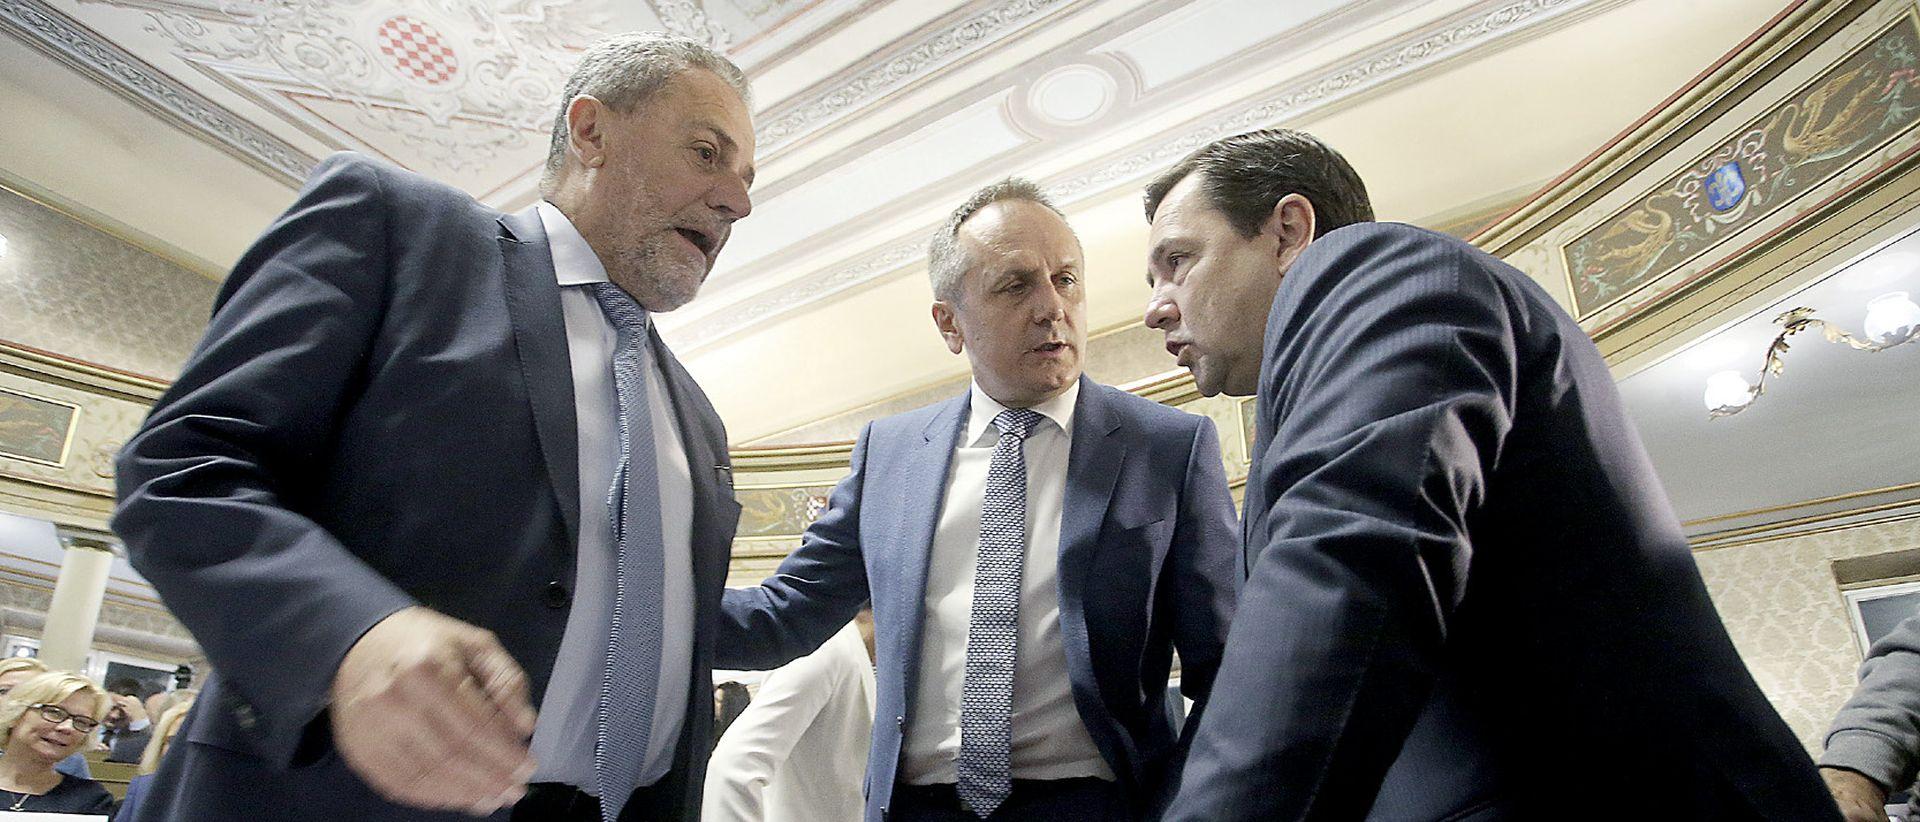 Zbog optužbi o mitu Bandić prijeti raskidanjem koalicije s HDZ-om